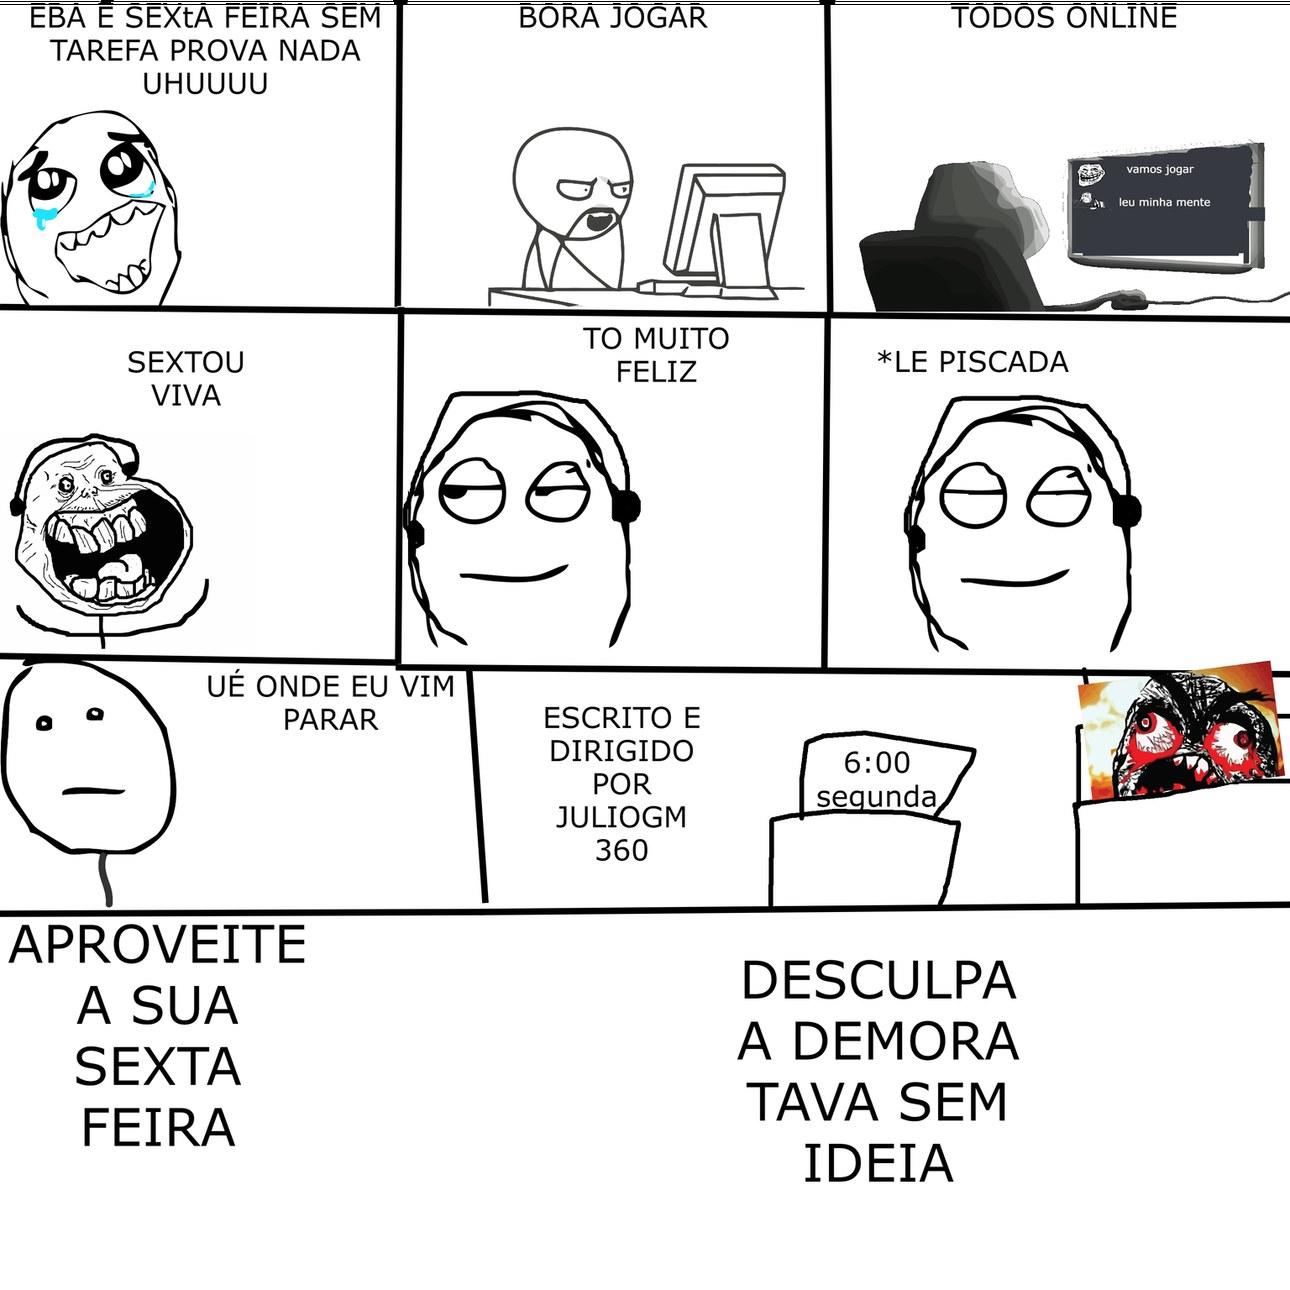 SEXTA FEIRA - meme